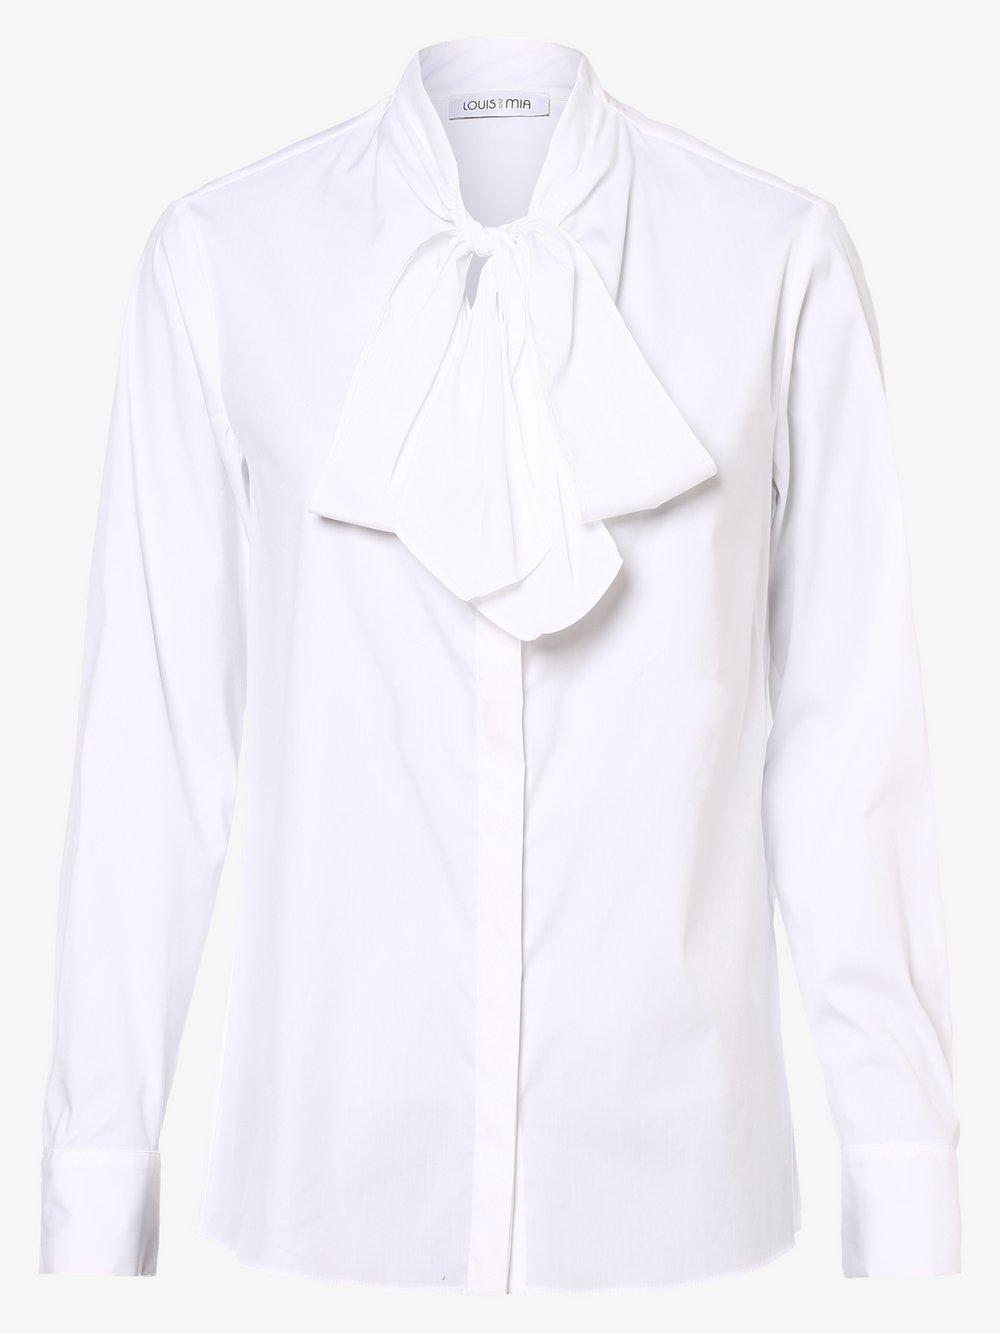 Louis & Mia – Bluzka damska, biały Van Graaf 486760-0001-00360